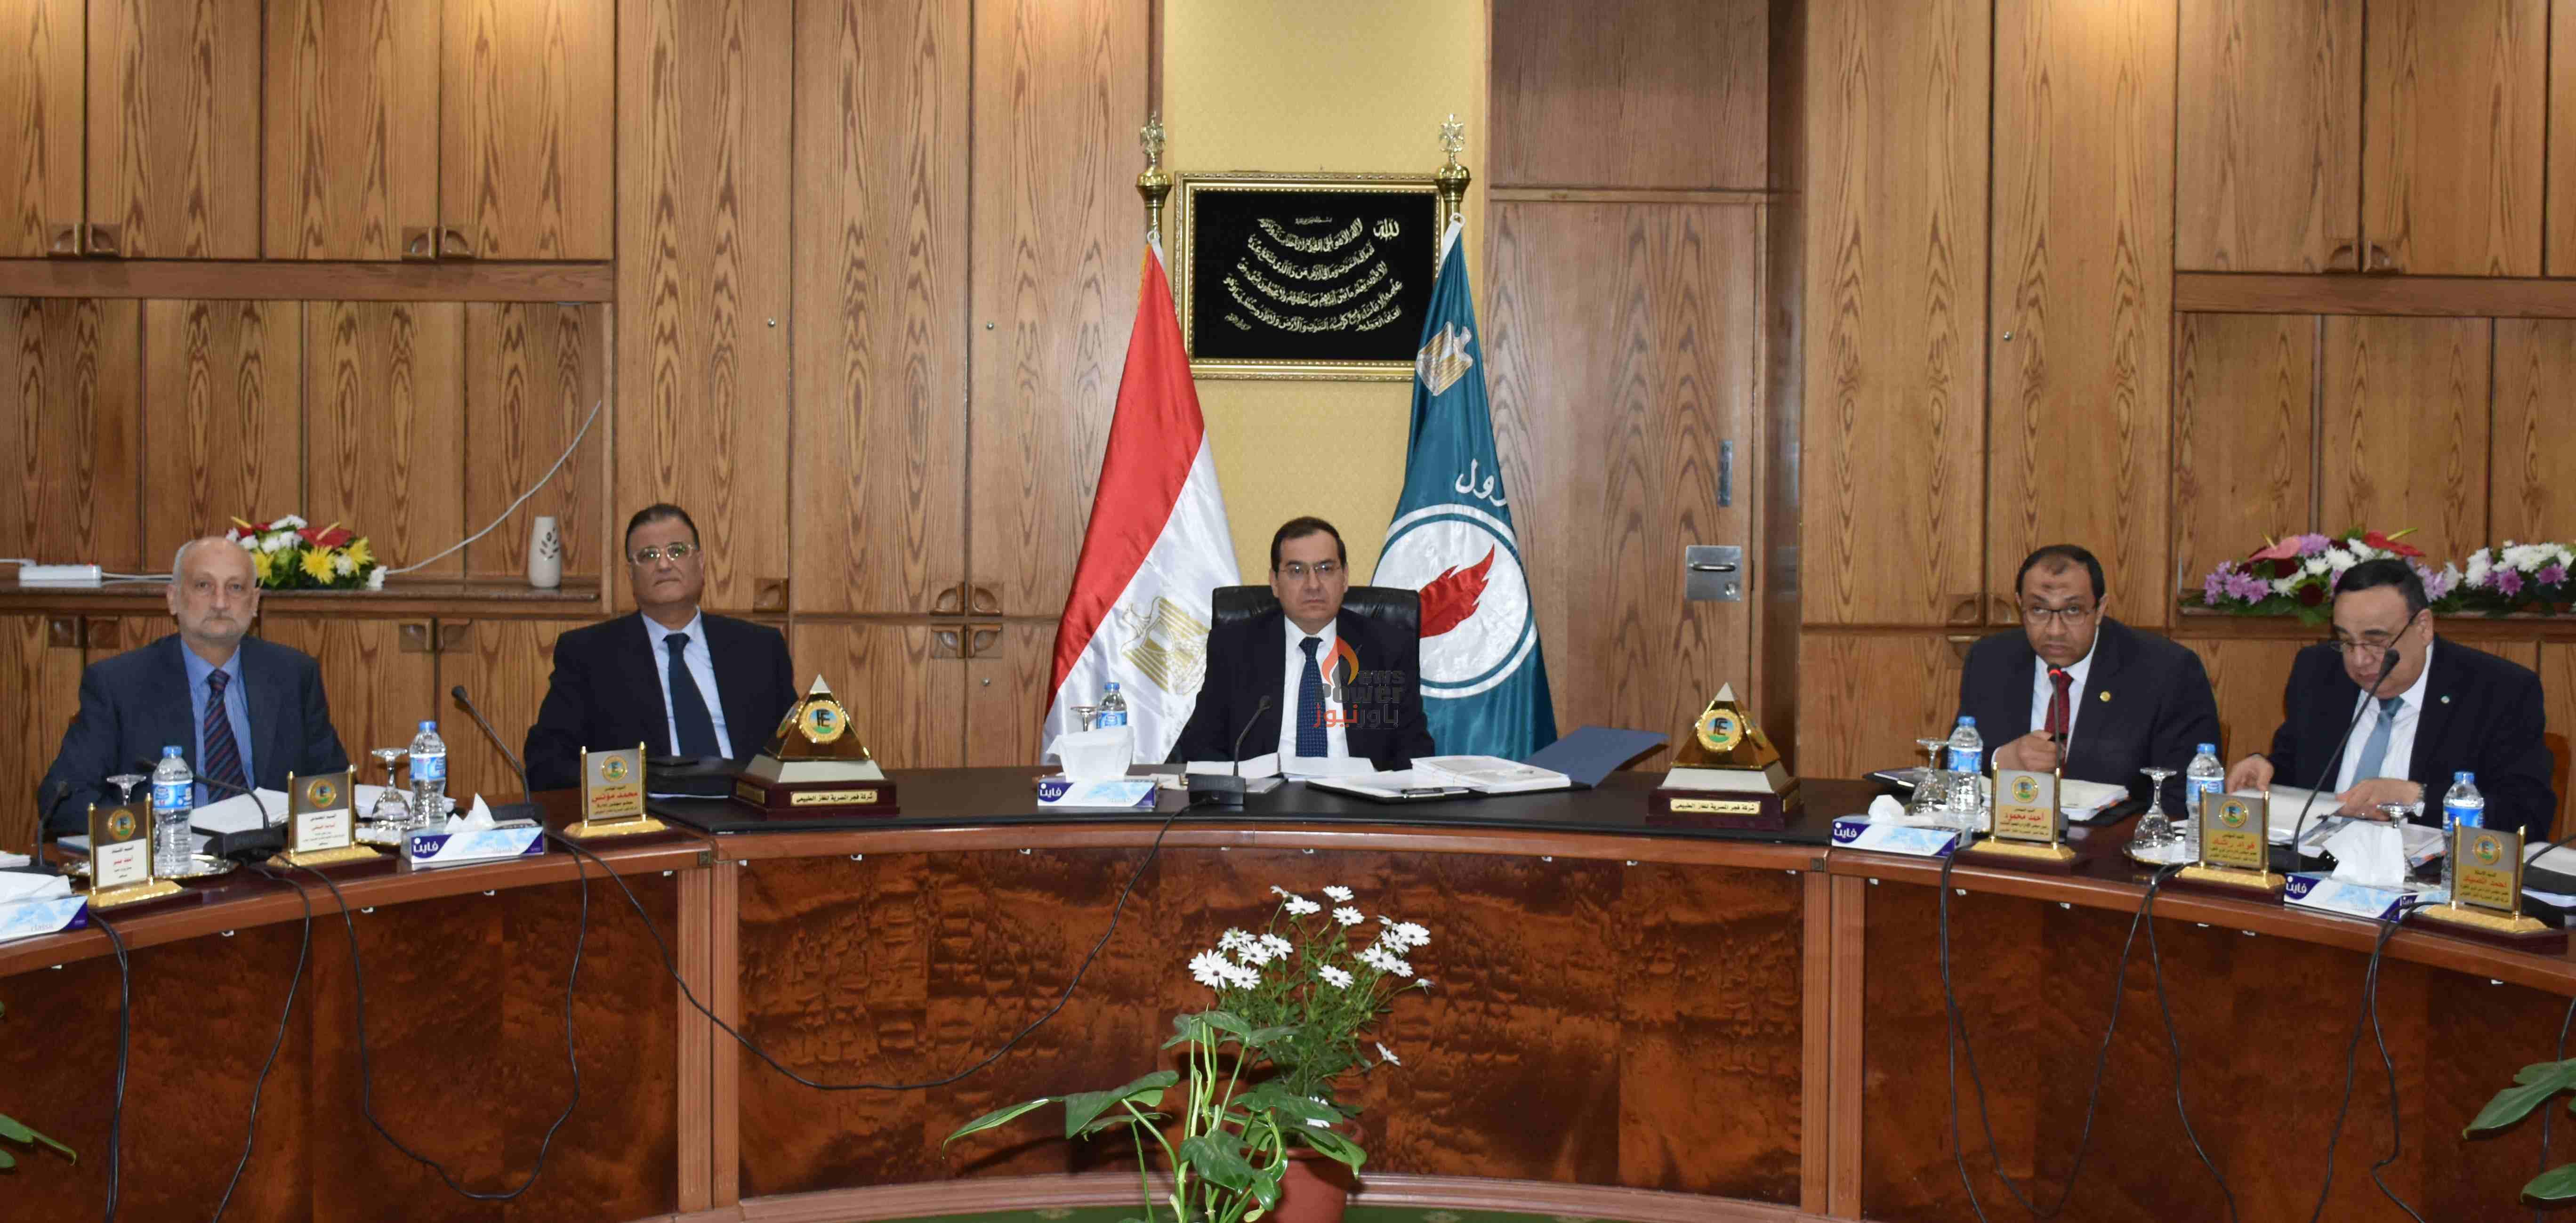 فجر المصرية تعلن انشاء نظام مراقبة بالكاميرات لاستئناف تشغيل خط الغاز العربى